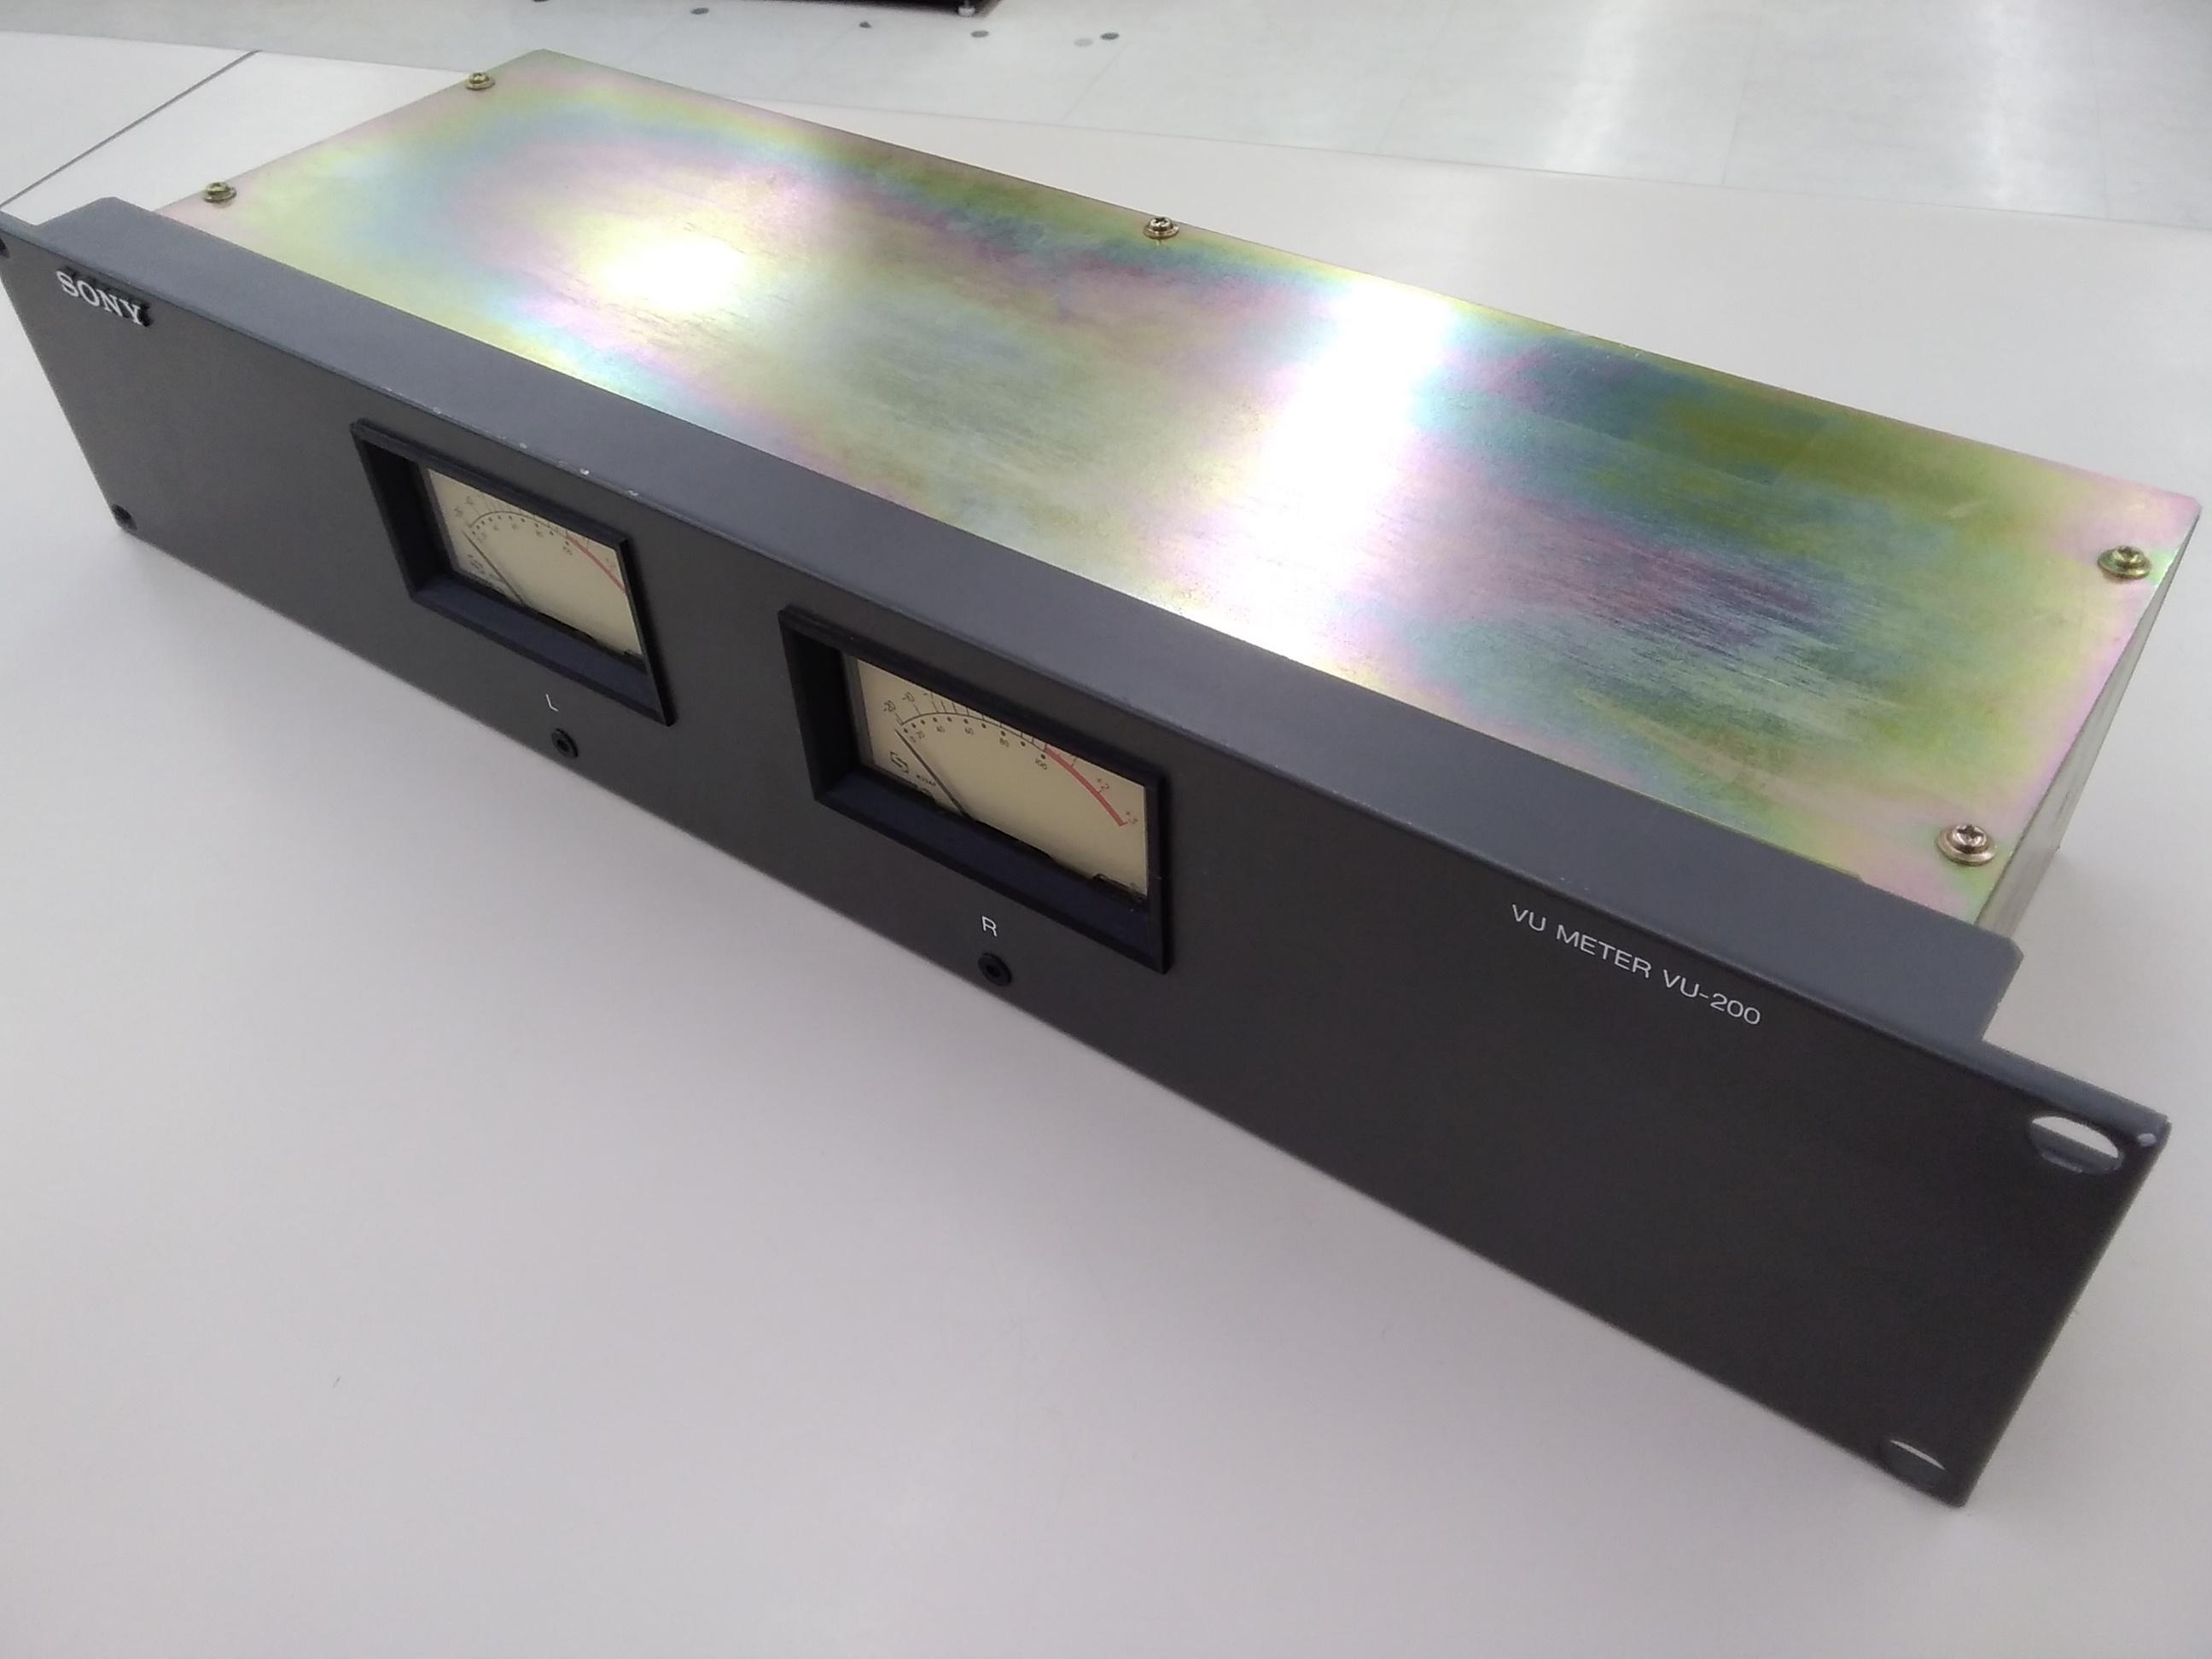 (ジャンク)VUメーター/VU-200|SONY